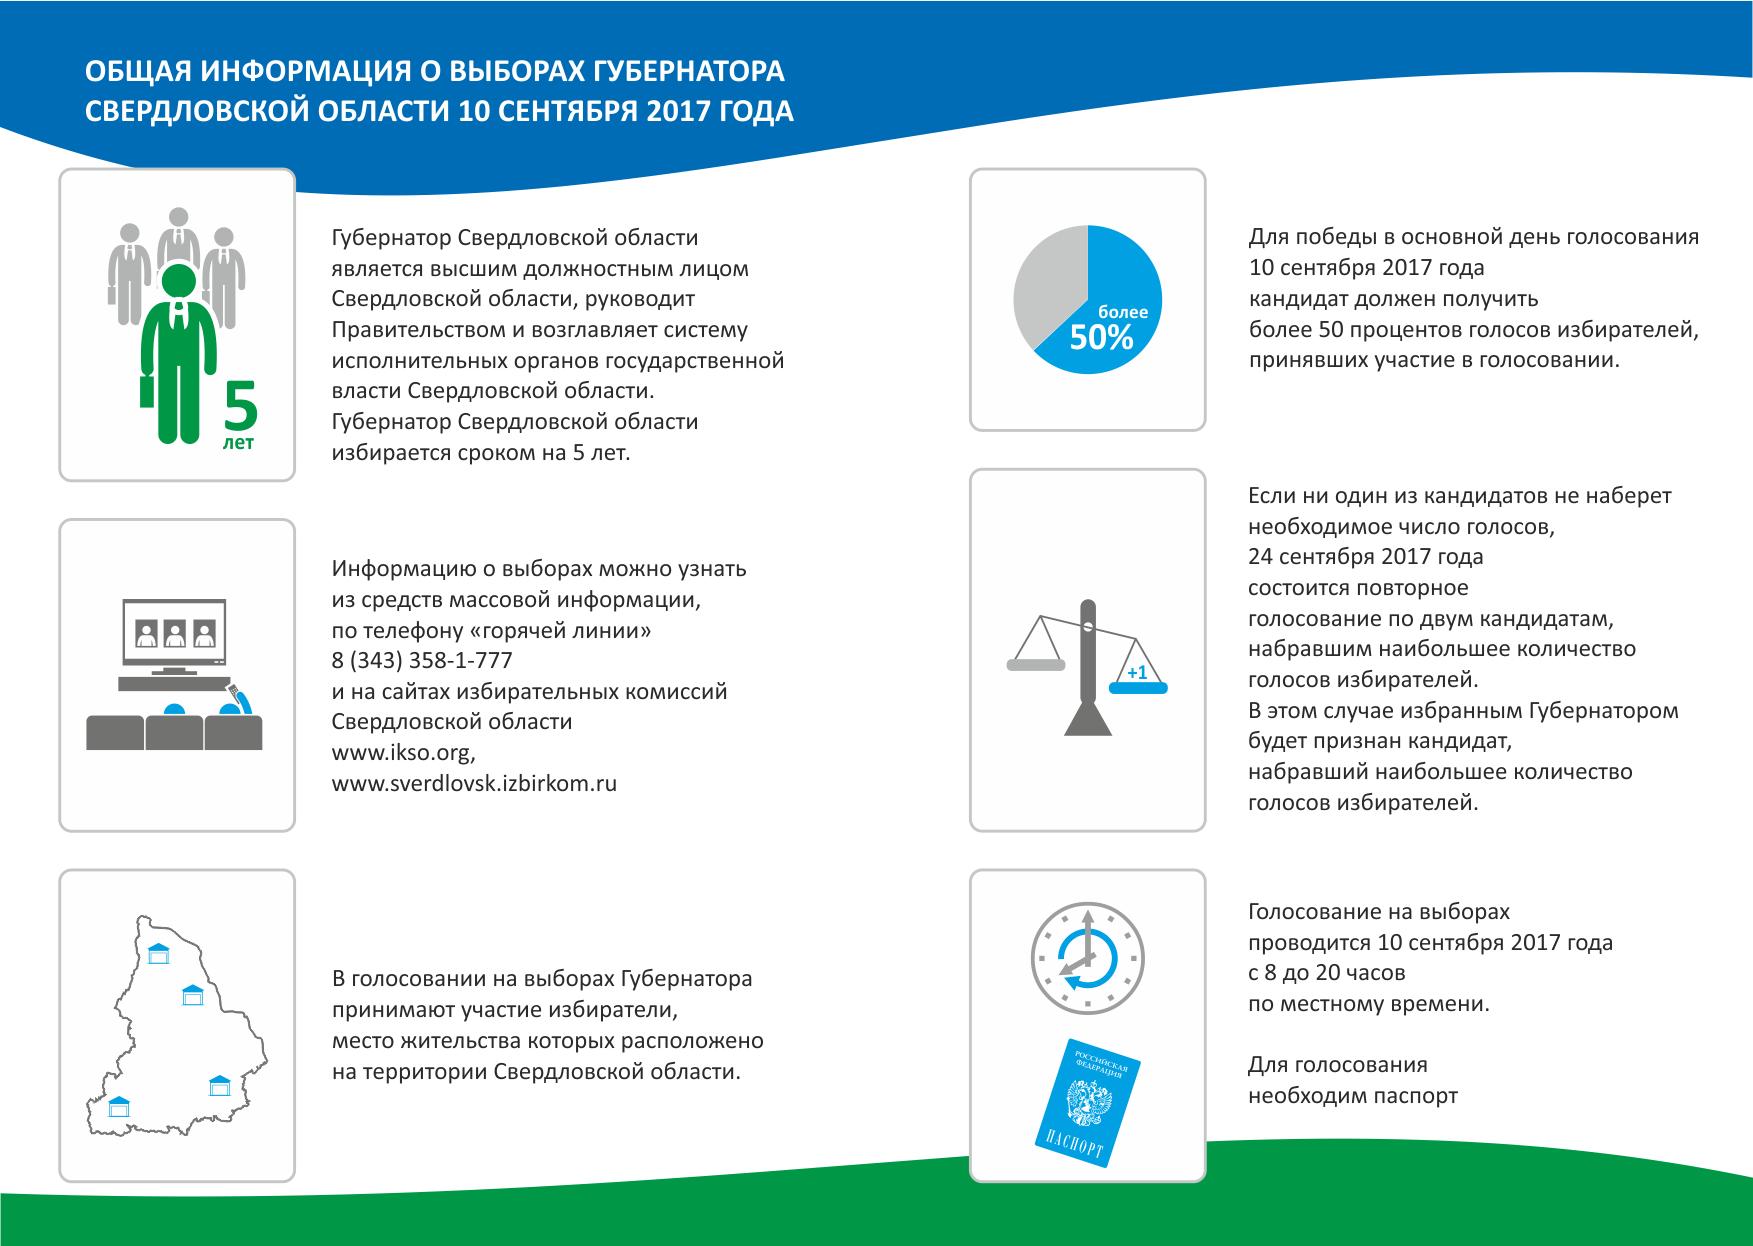 Саяногорск городская больница номер телефона регистратуры